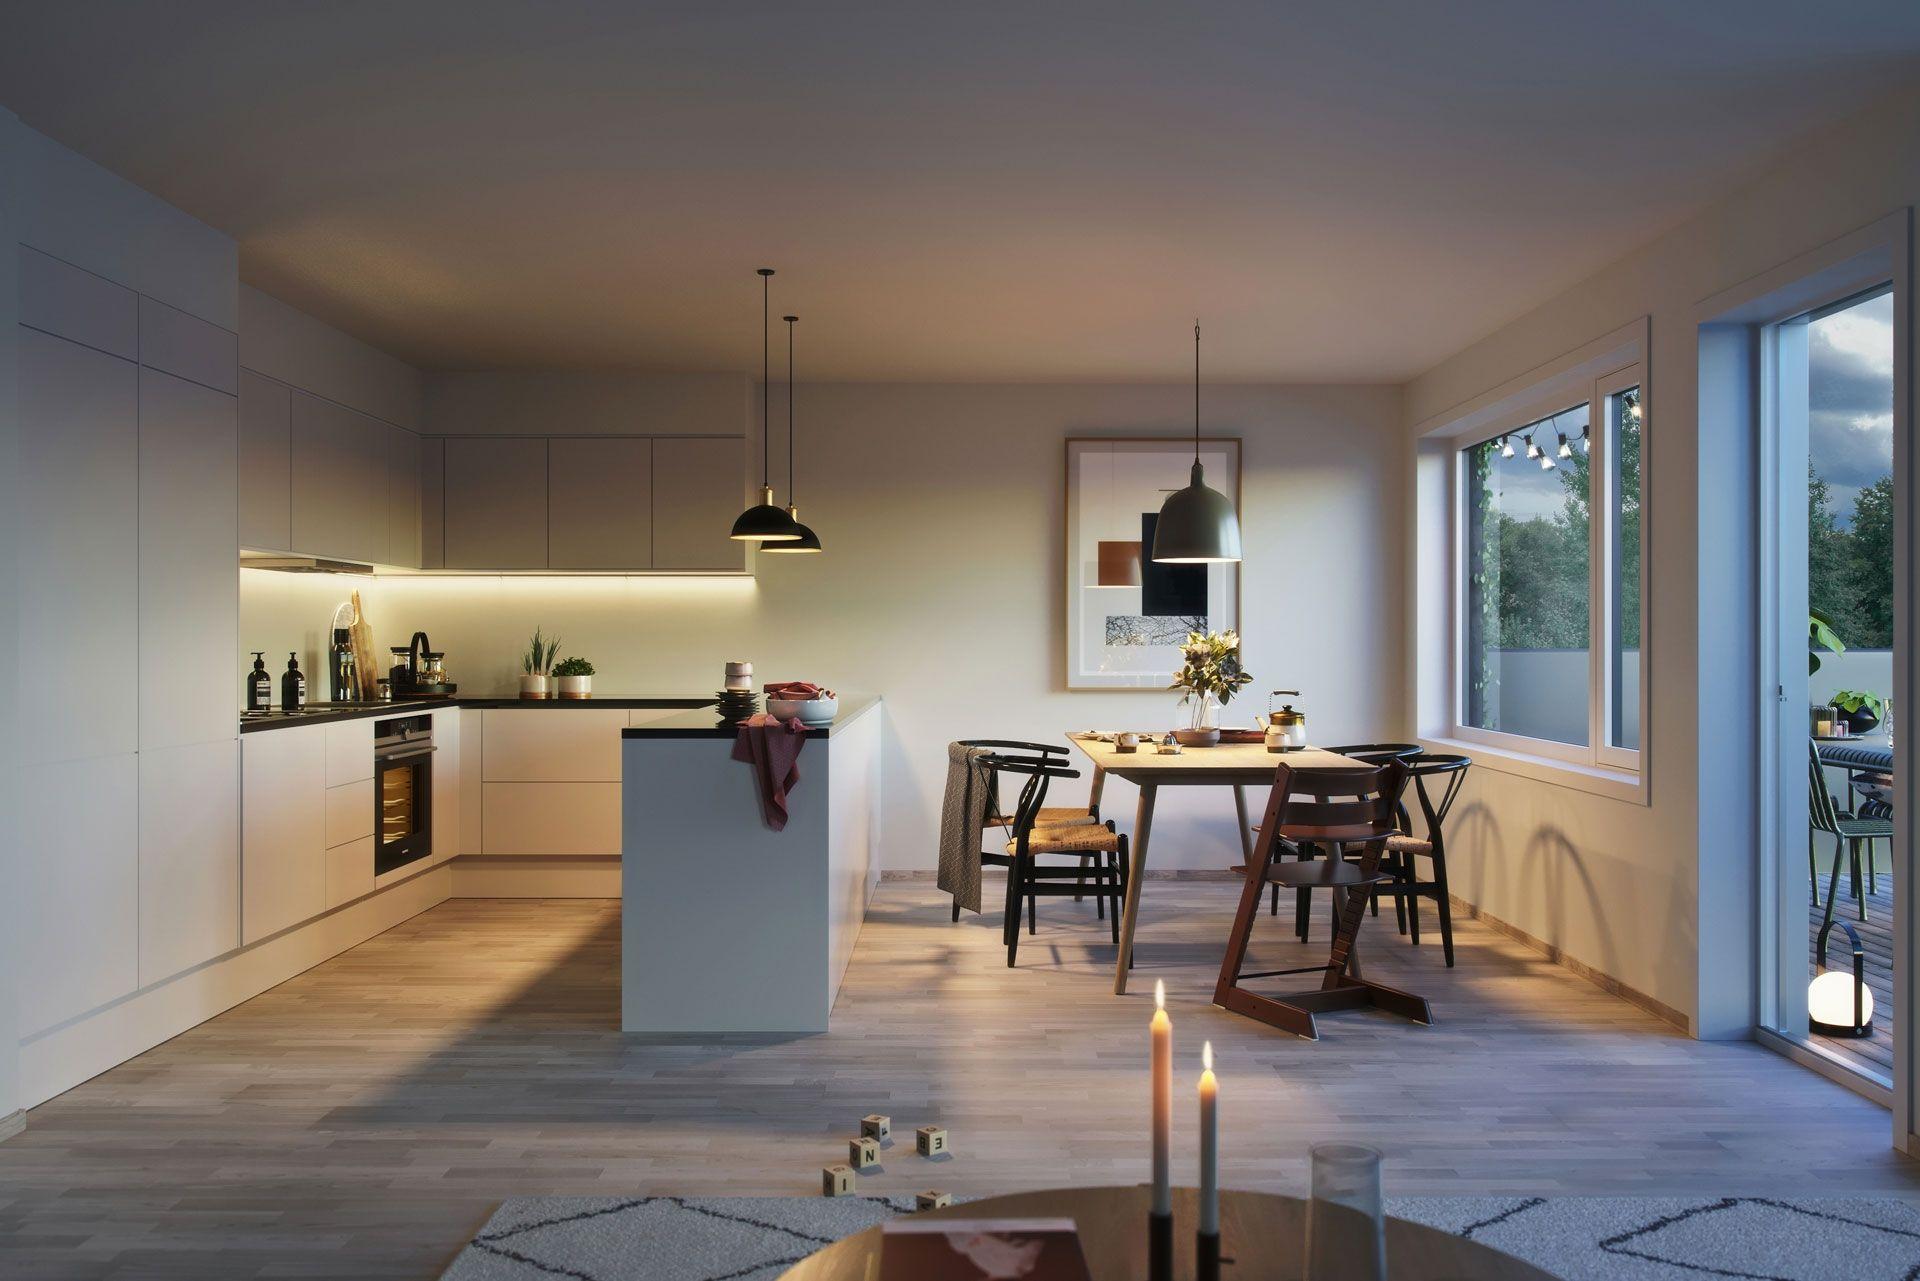 Husets kjøkken ligger i førsteetasje med utgang til balkong